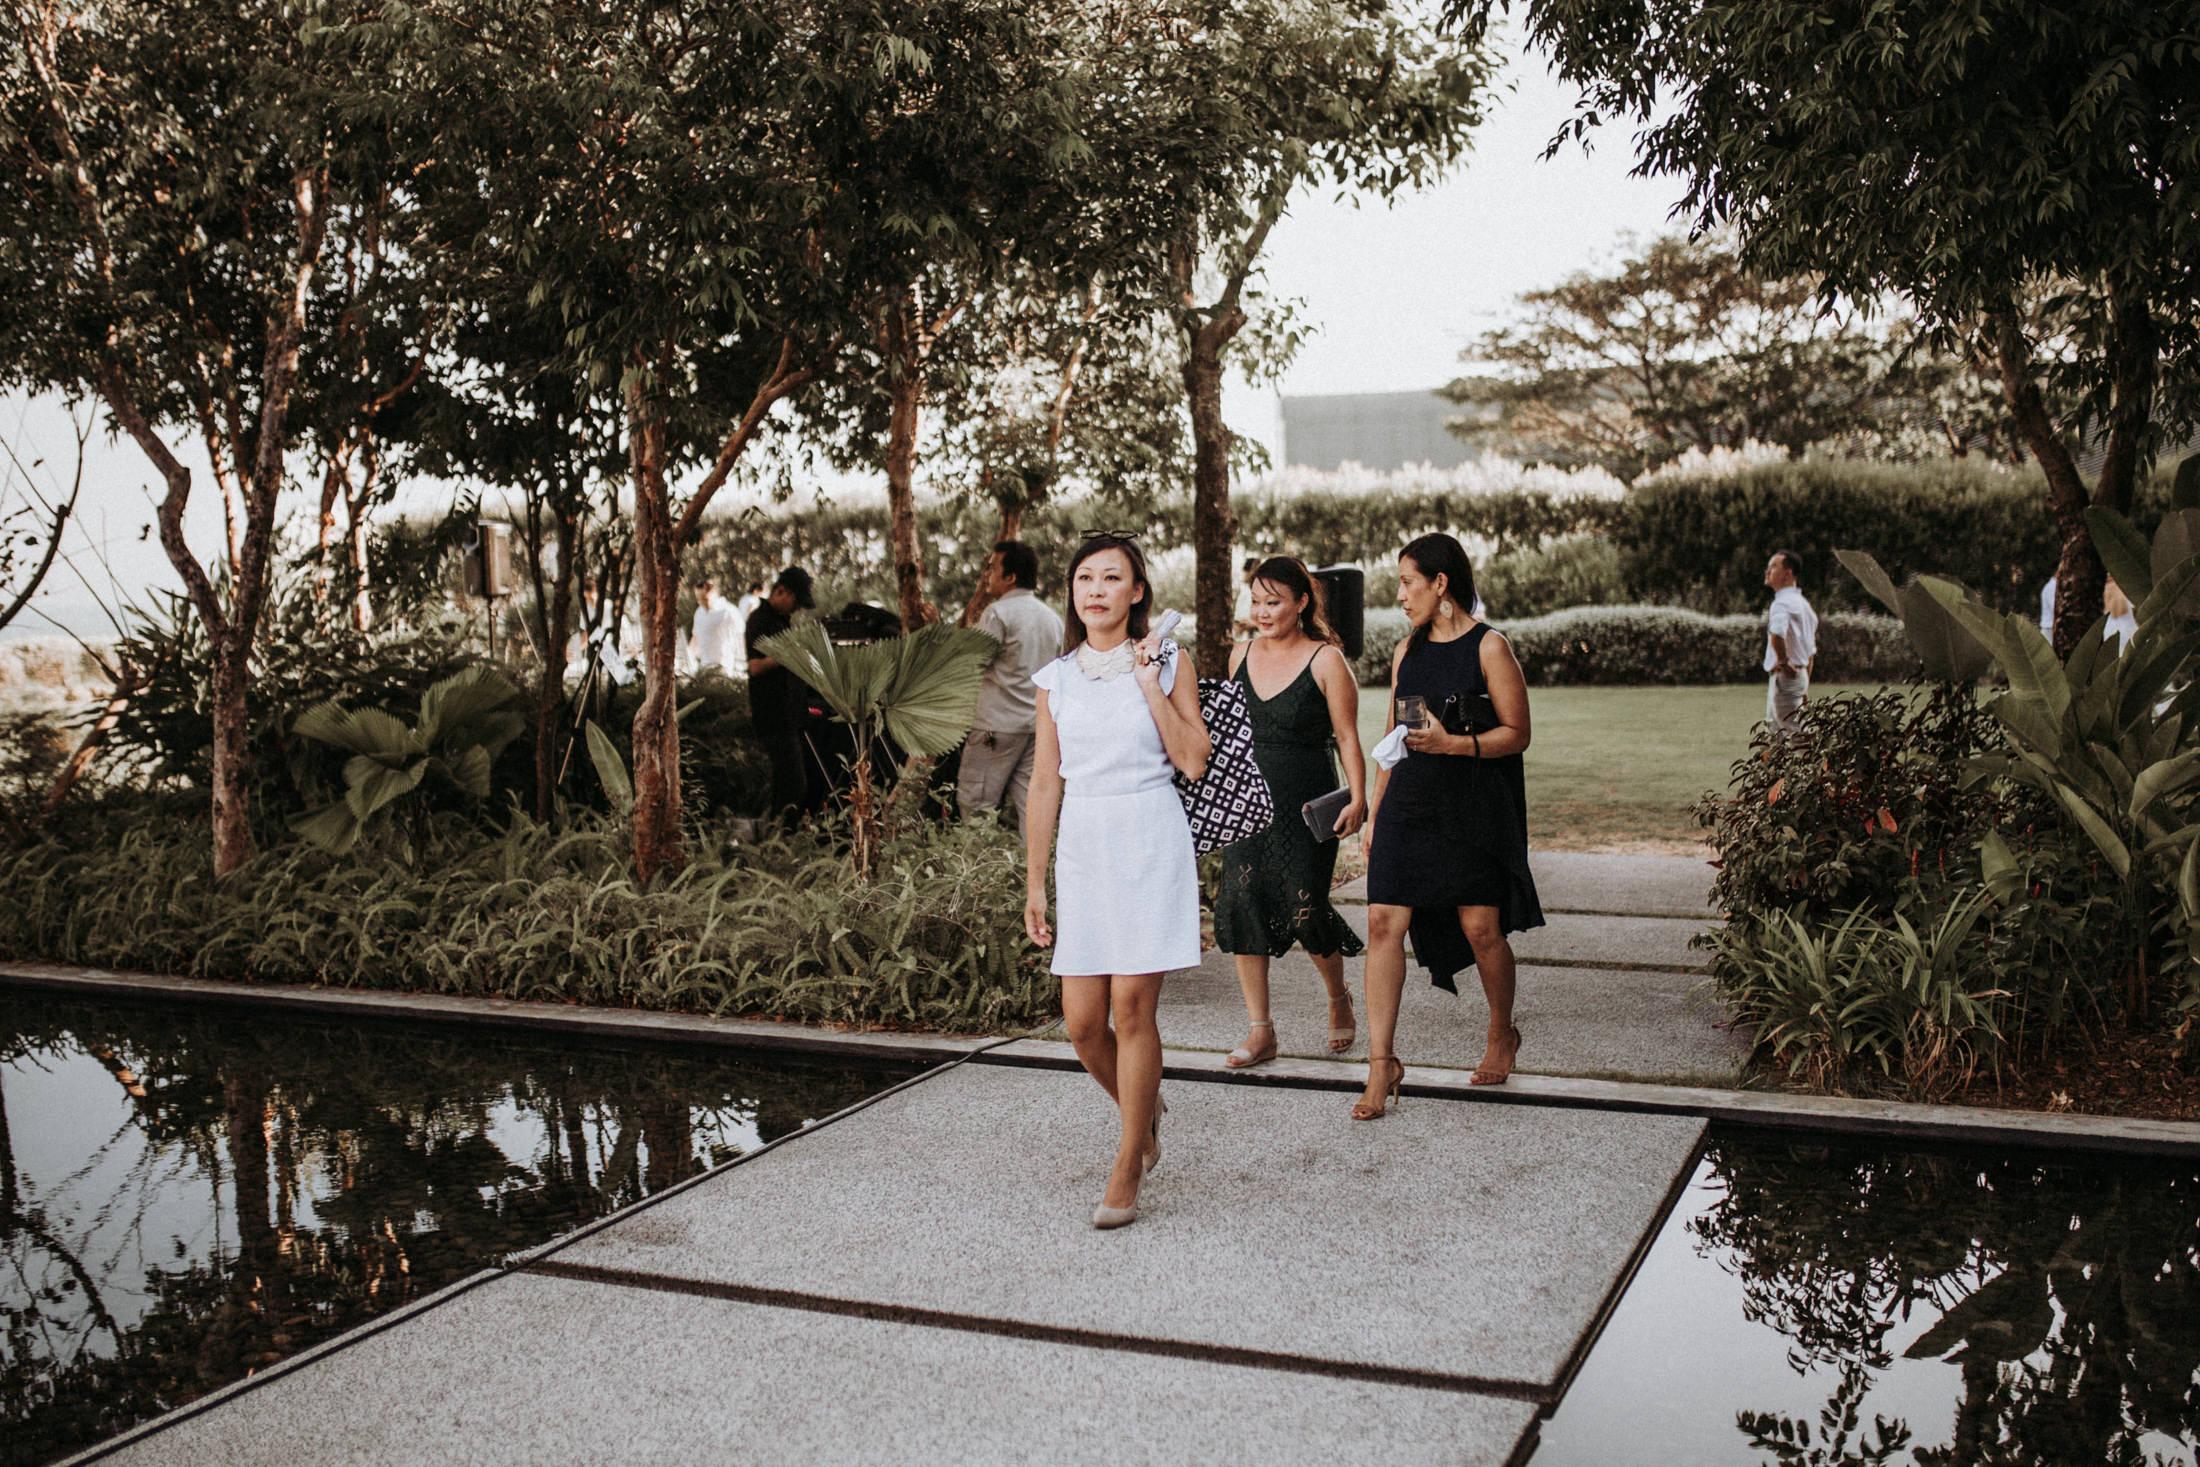 DanielaMarquardt_Wedding_Thailand_275